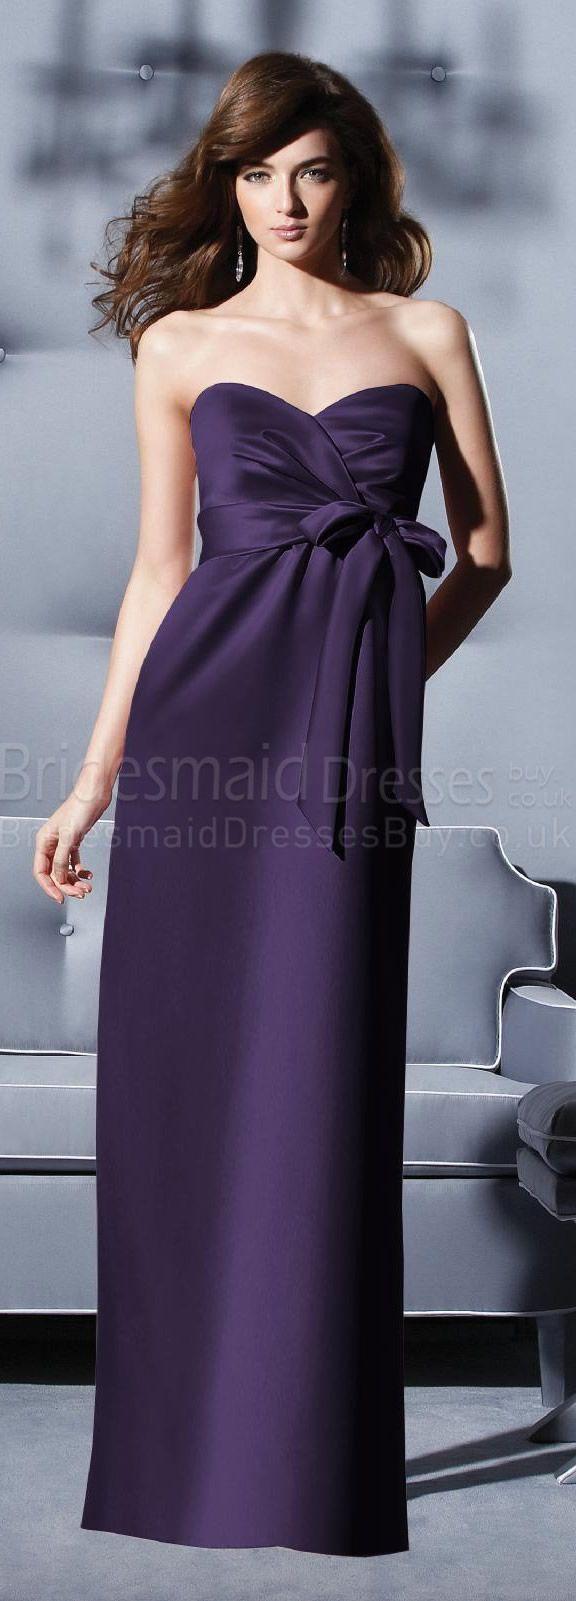 335 best moda images on Pinterest | Dress skirt, Ballroom dress and ...